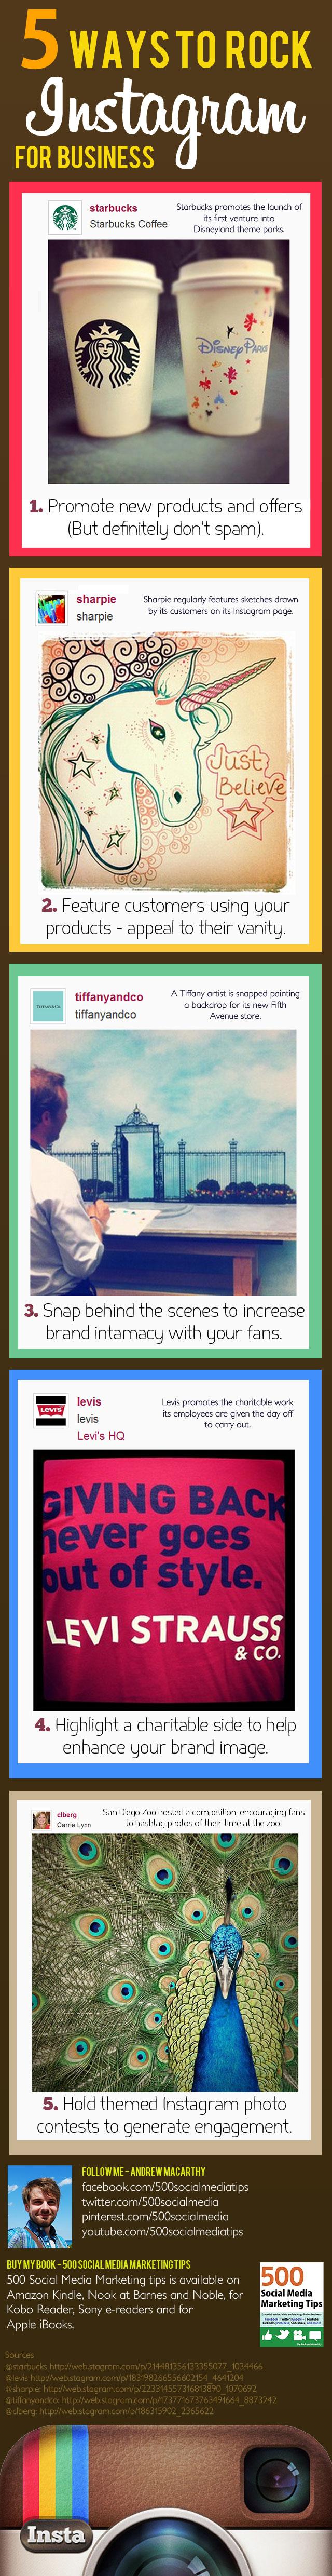 5 maneras de usar Instagram para la empresa